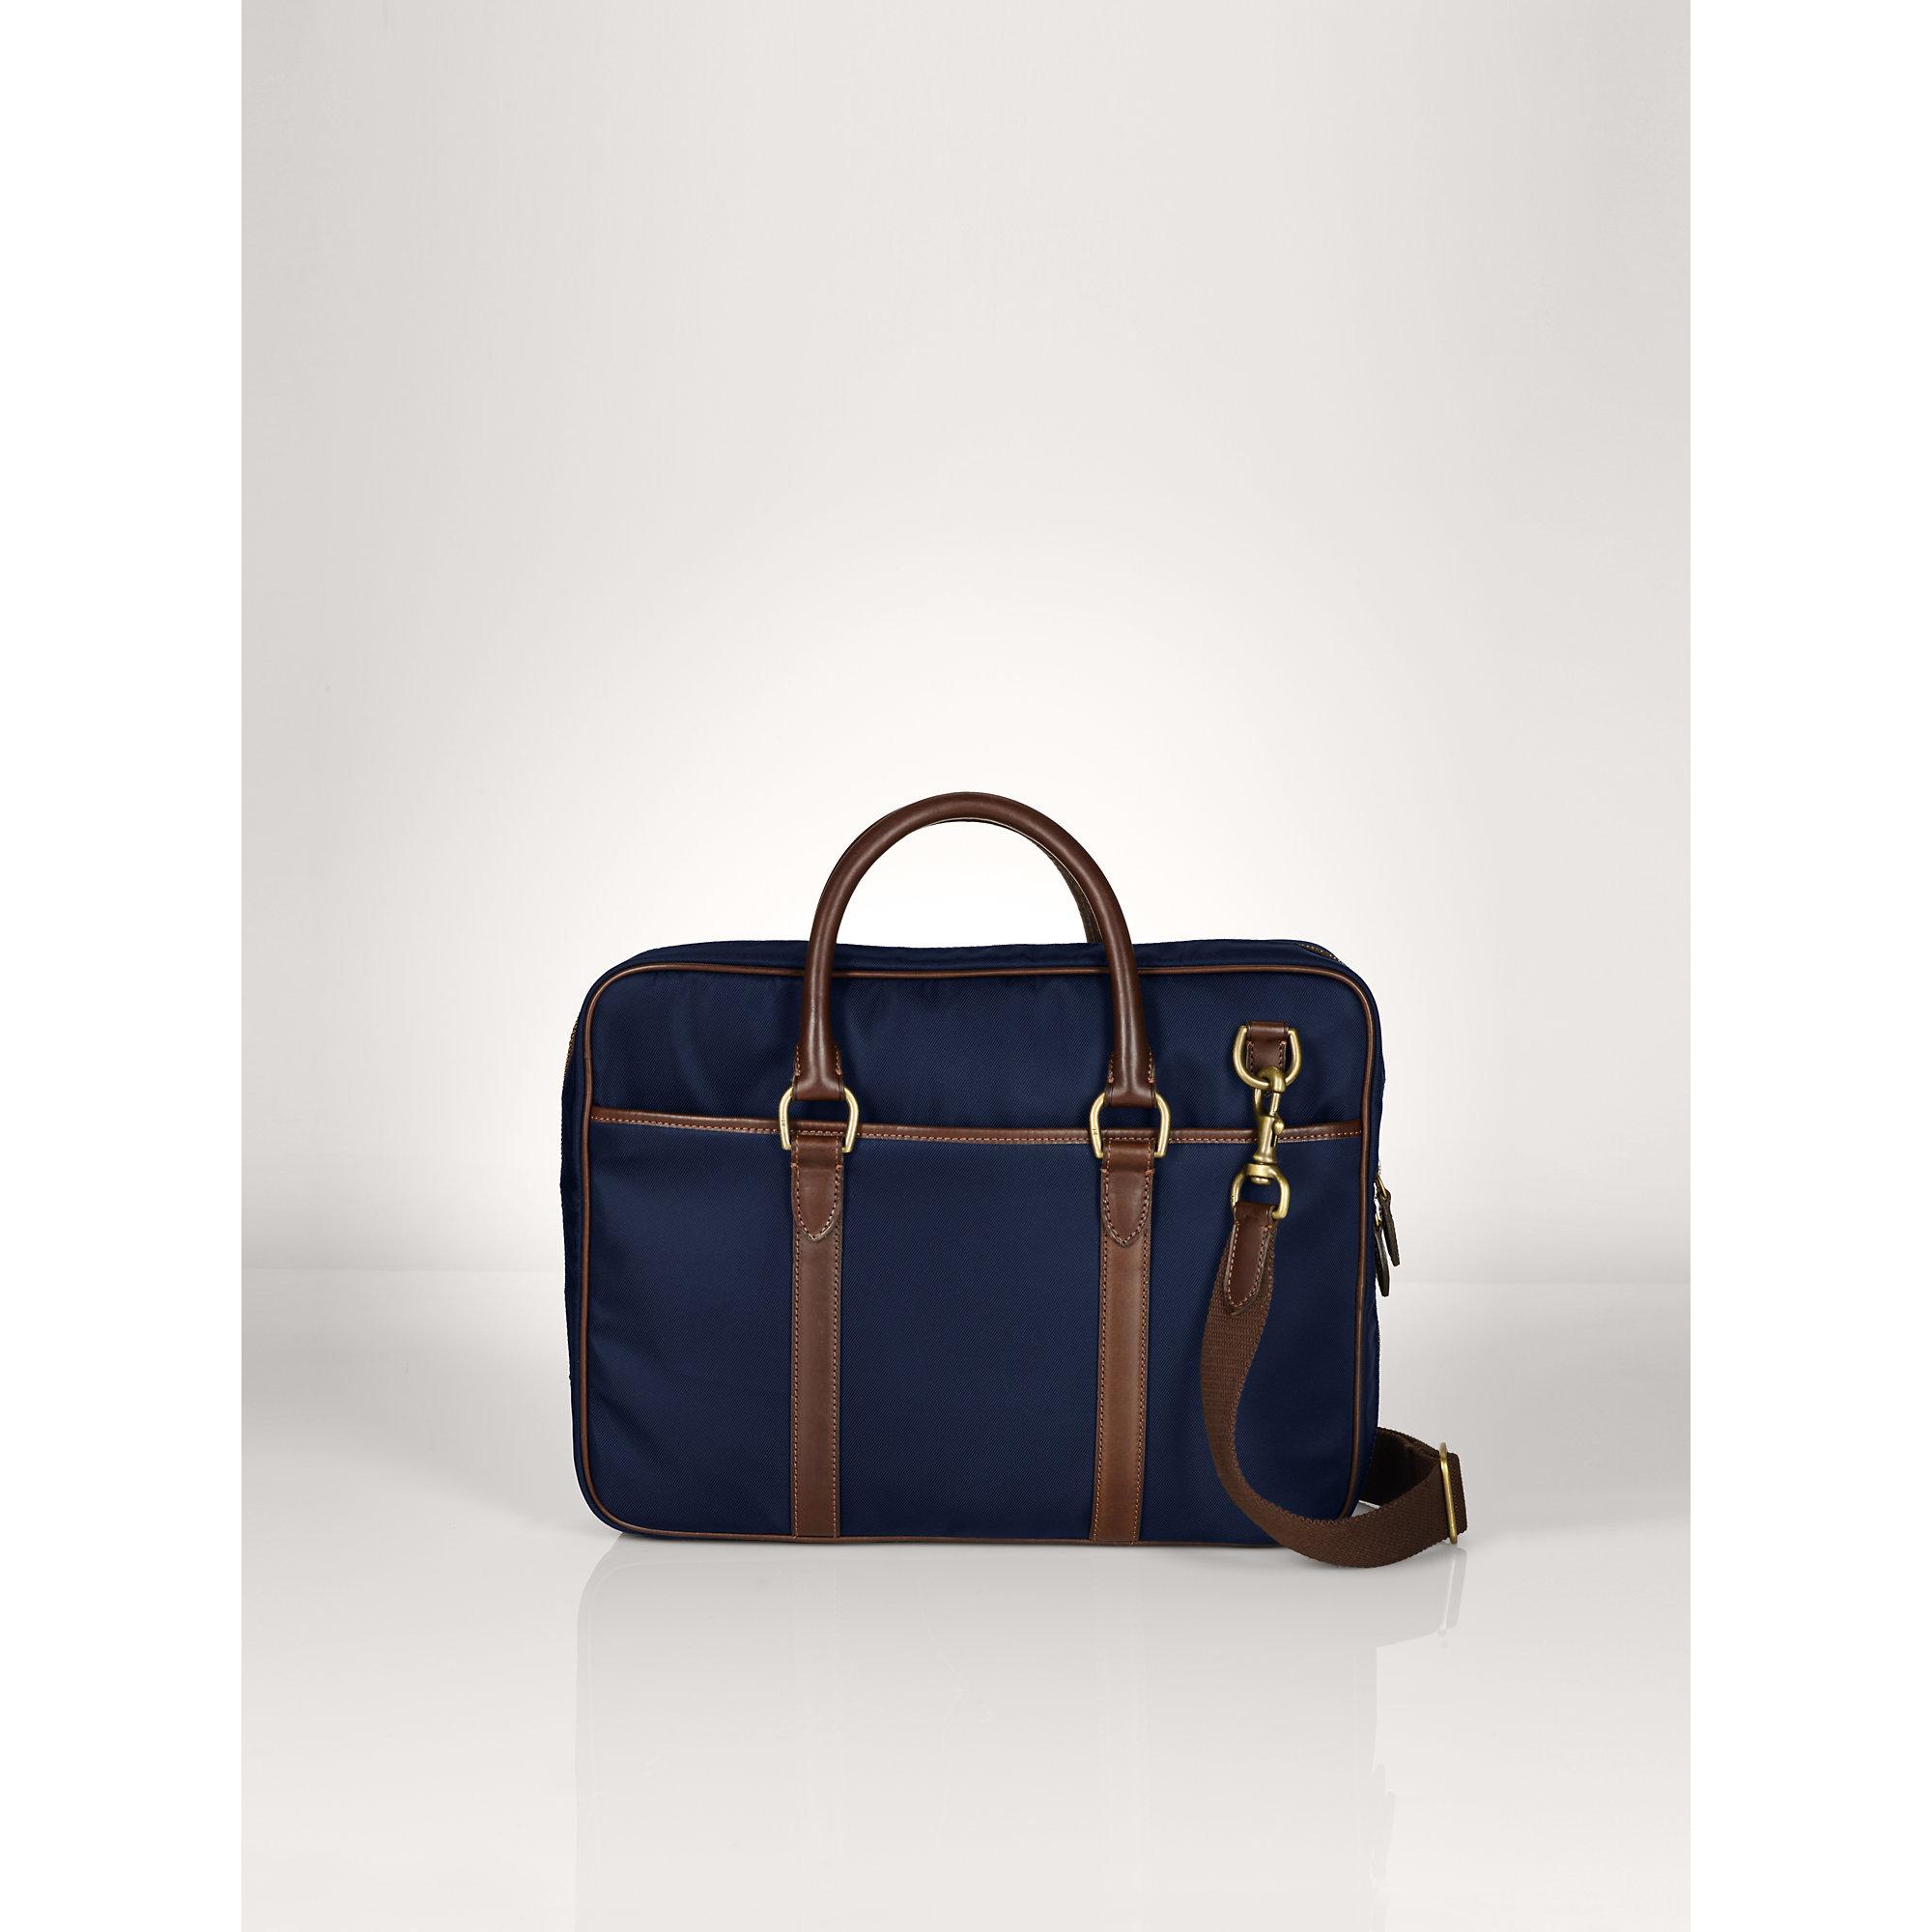 b9b2436d70a8 ... discount lyst ralph lauren nylon commuter bag in blue for men 17b6e  0e45b